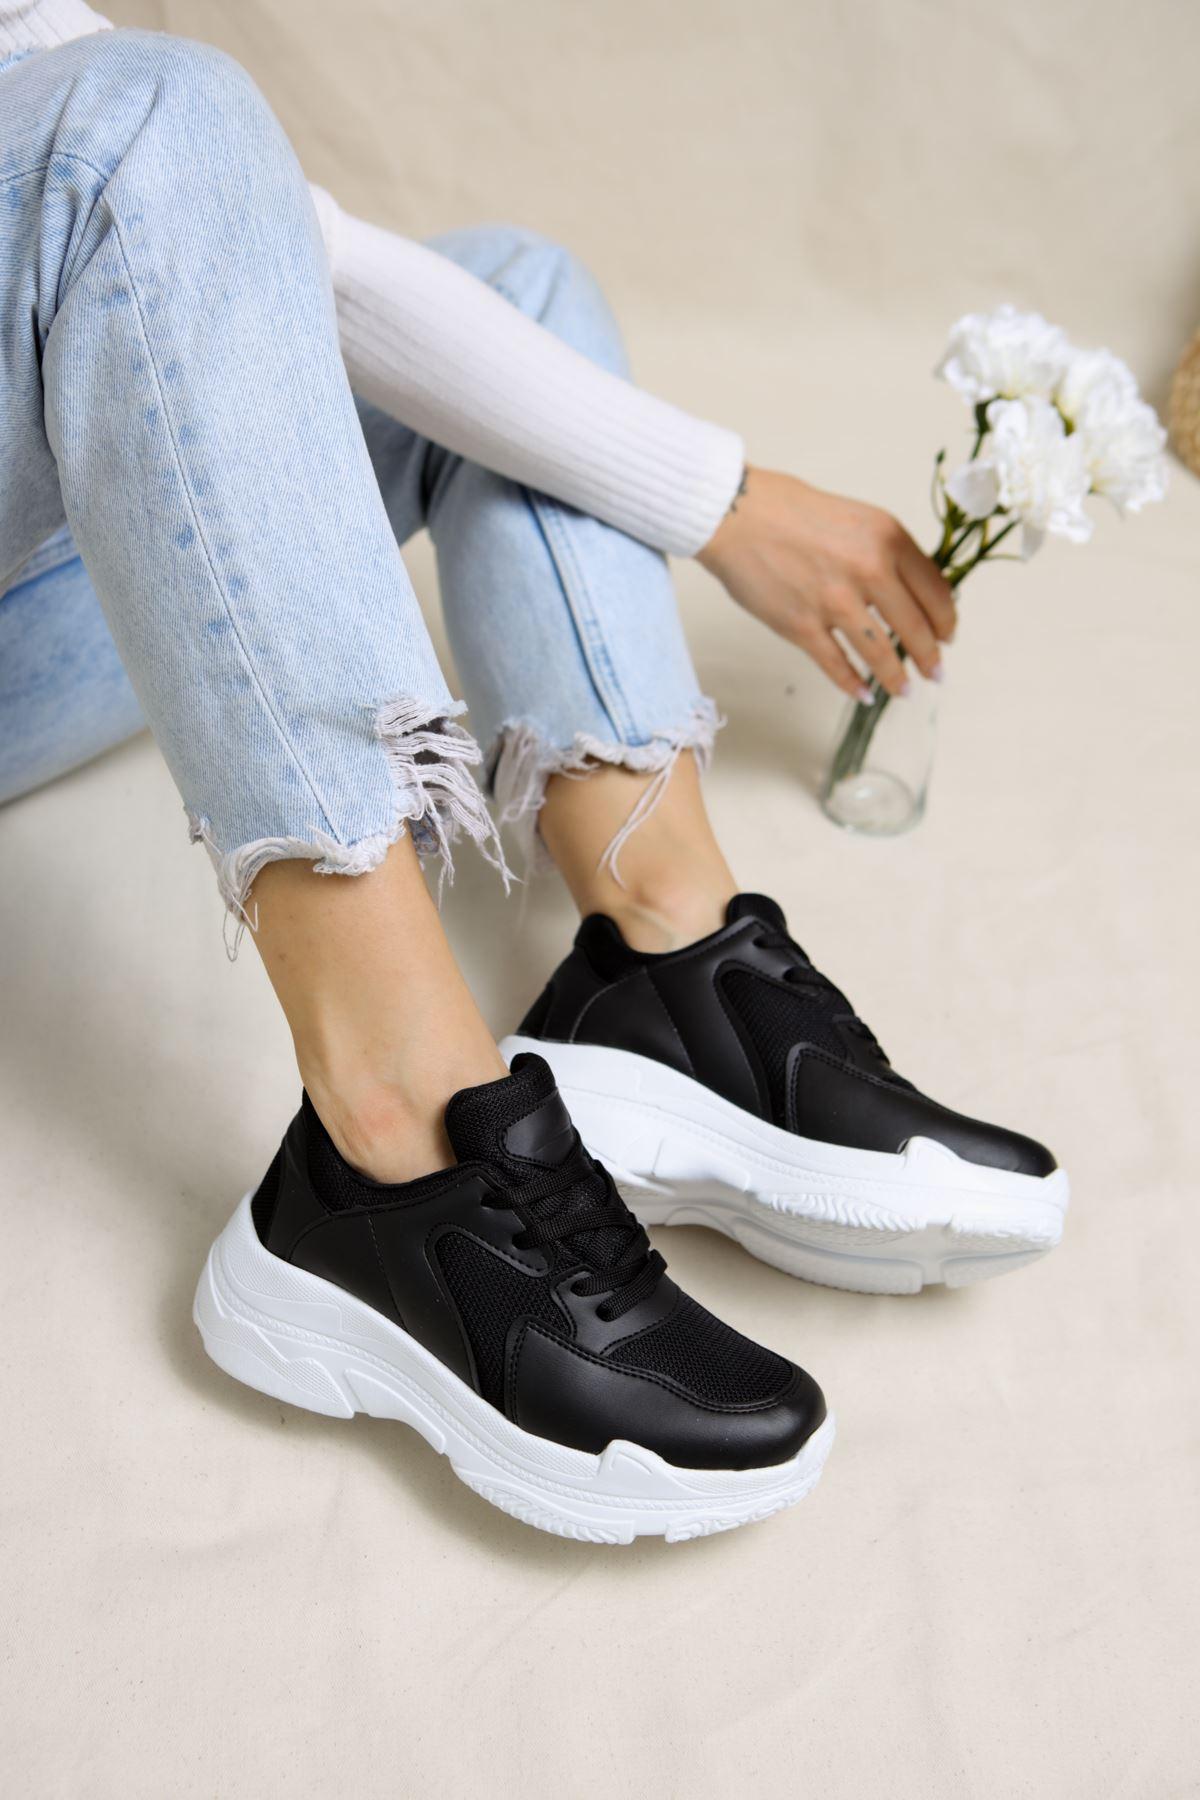 Loic Siyah Beyaz Tabanlı Kadın Spor Ayakkabı